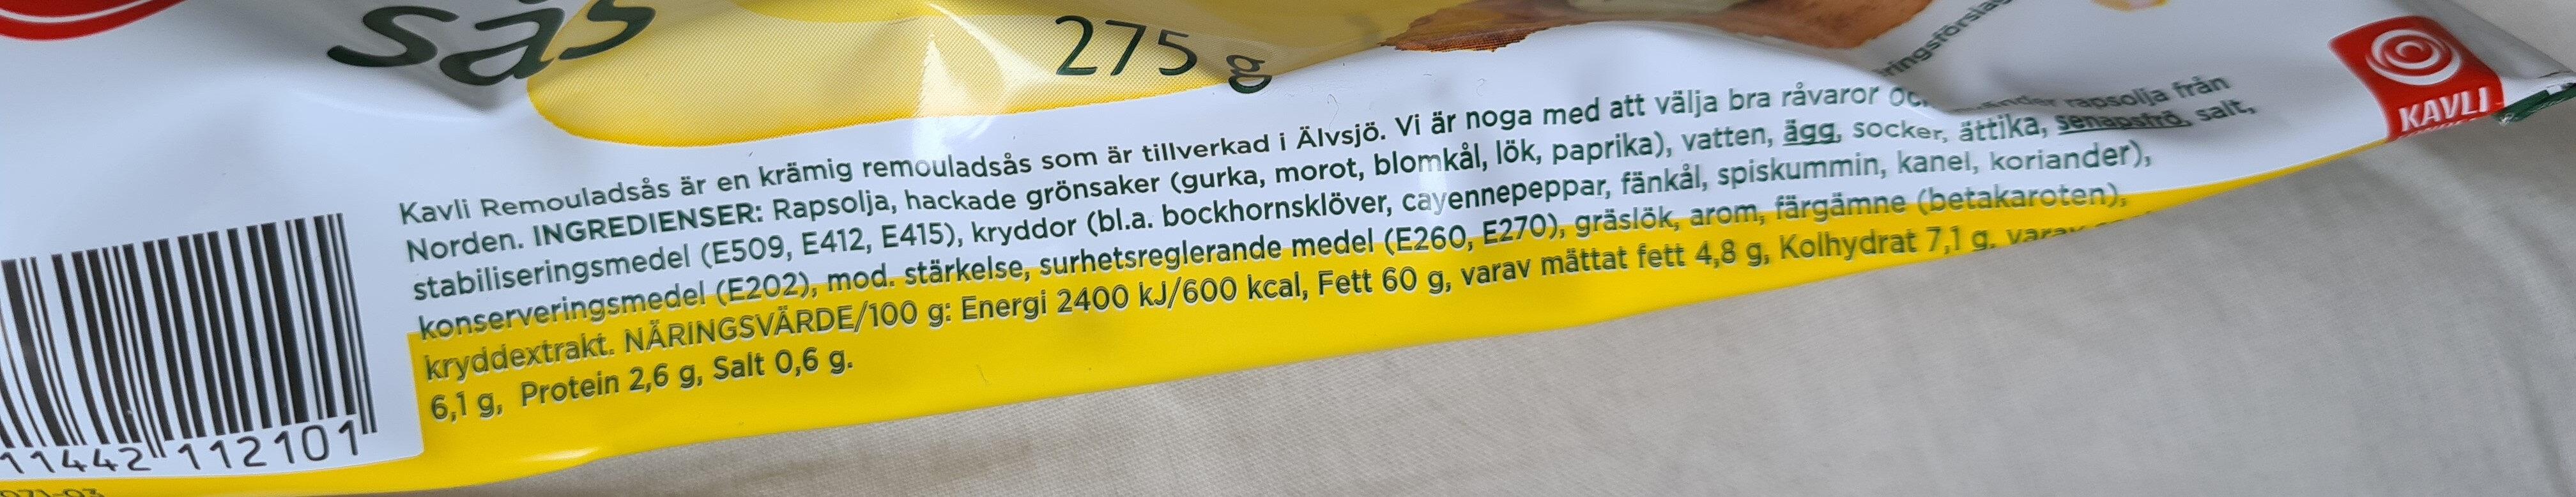 Remouladsås - Ingredienti - sv